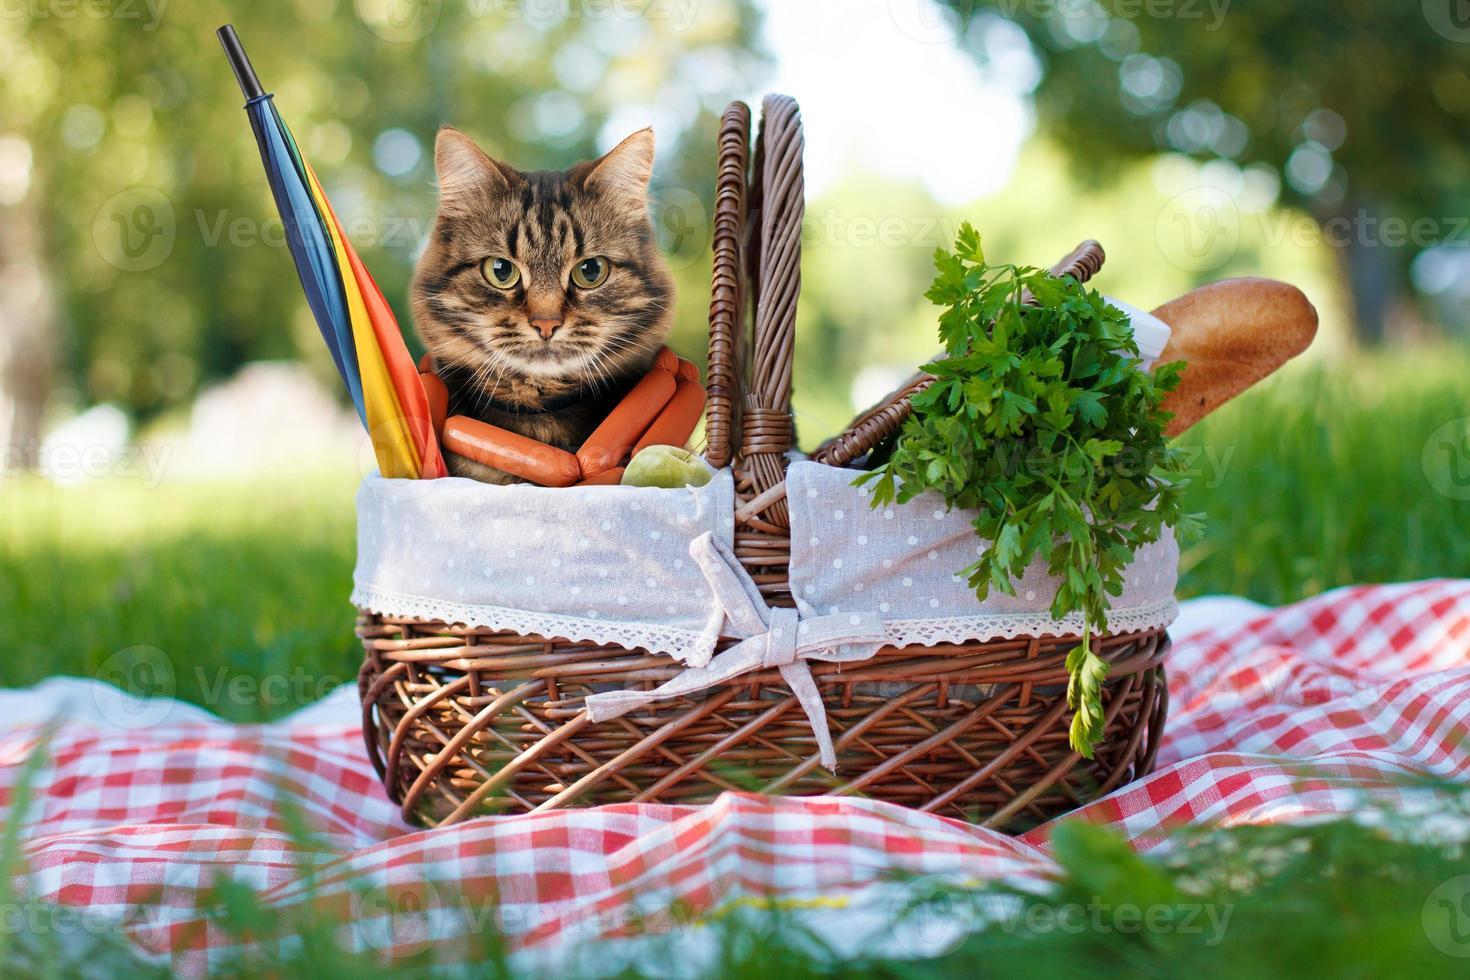 rolig katt på en picknick. vacker sommardag foto